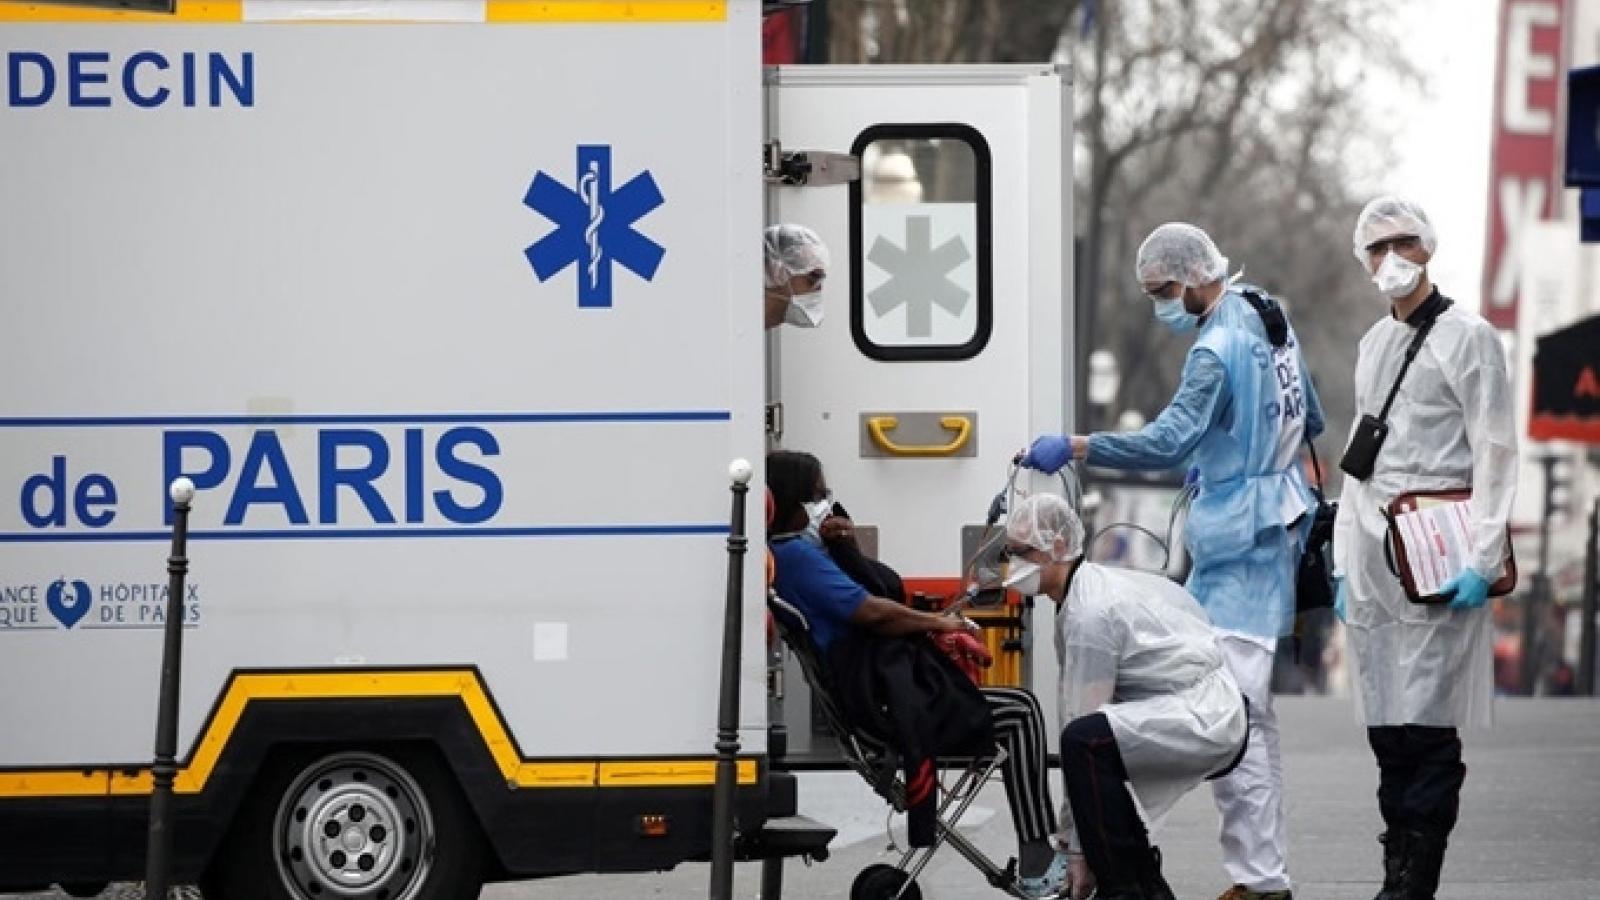 Cùng mục tiêu, khác chiến lược: Mỹ và châu Âu đau đầu tìm cách tăng tỷ lệ tiêm chủng